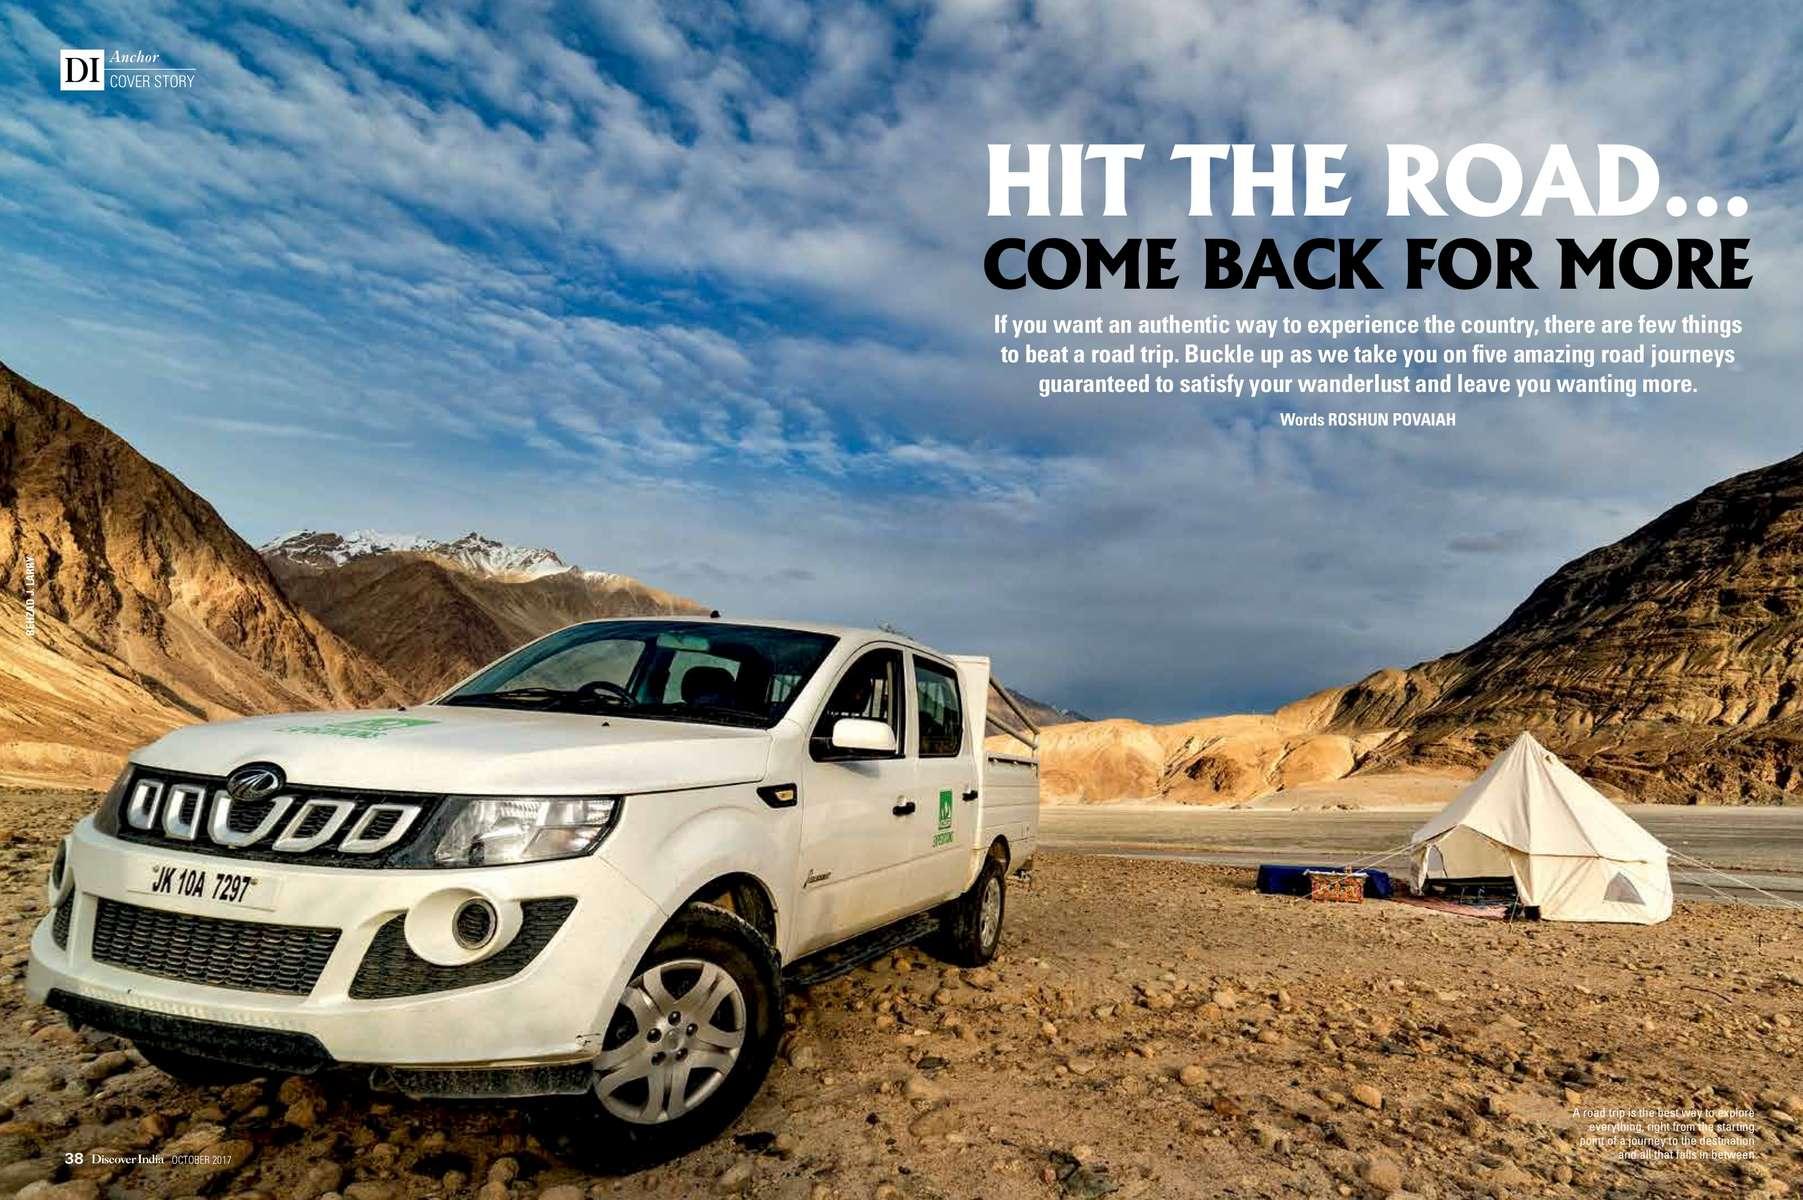 Cover-Story-Roshun_road-trips-7_bjl